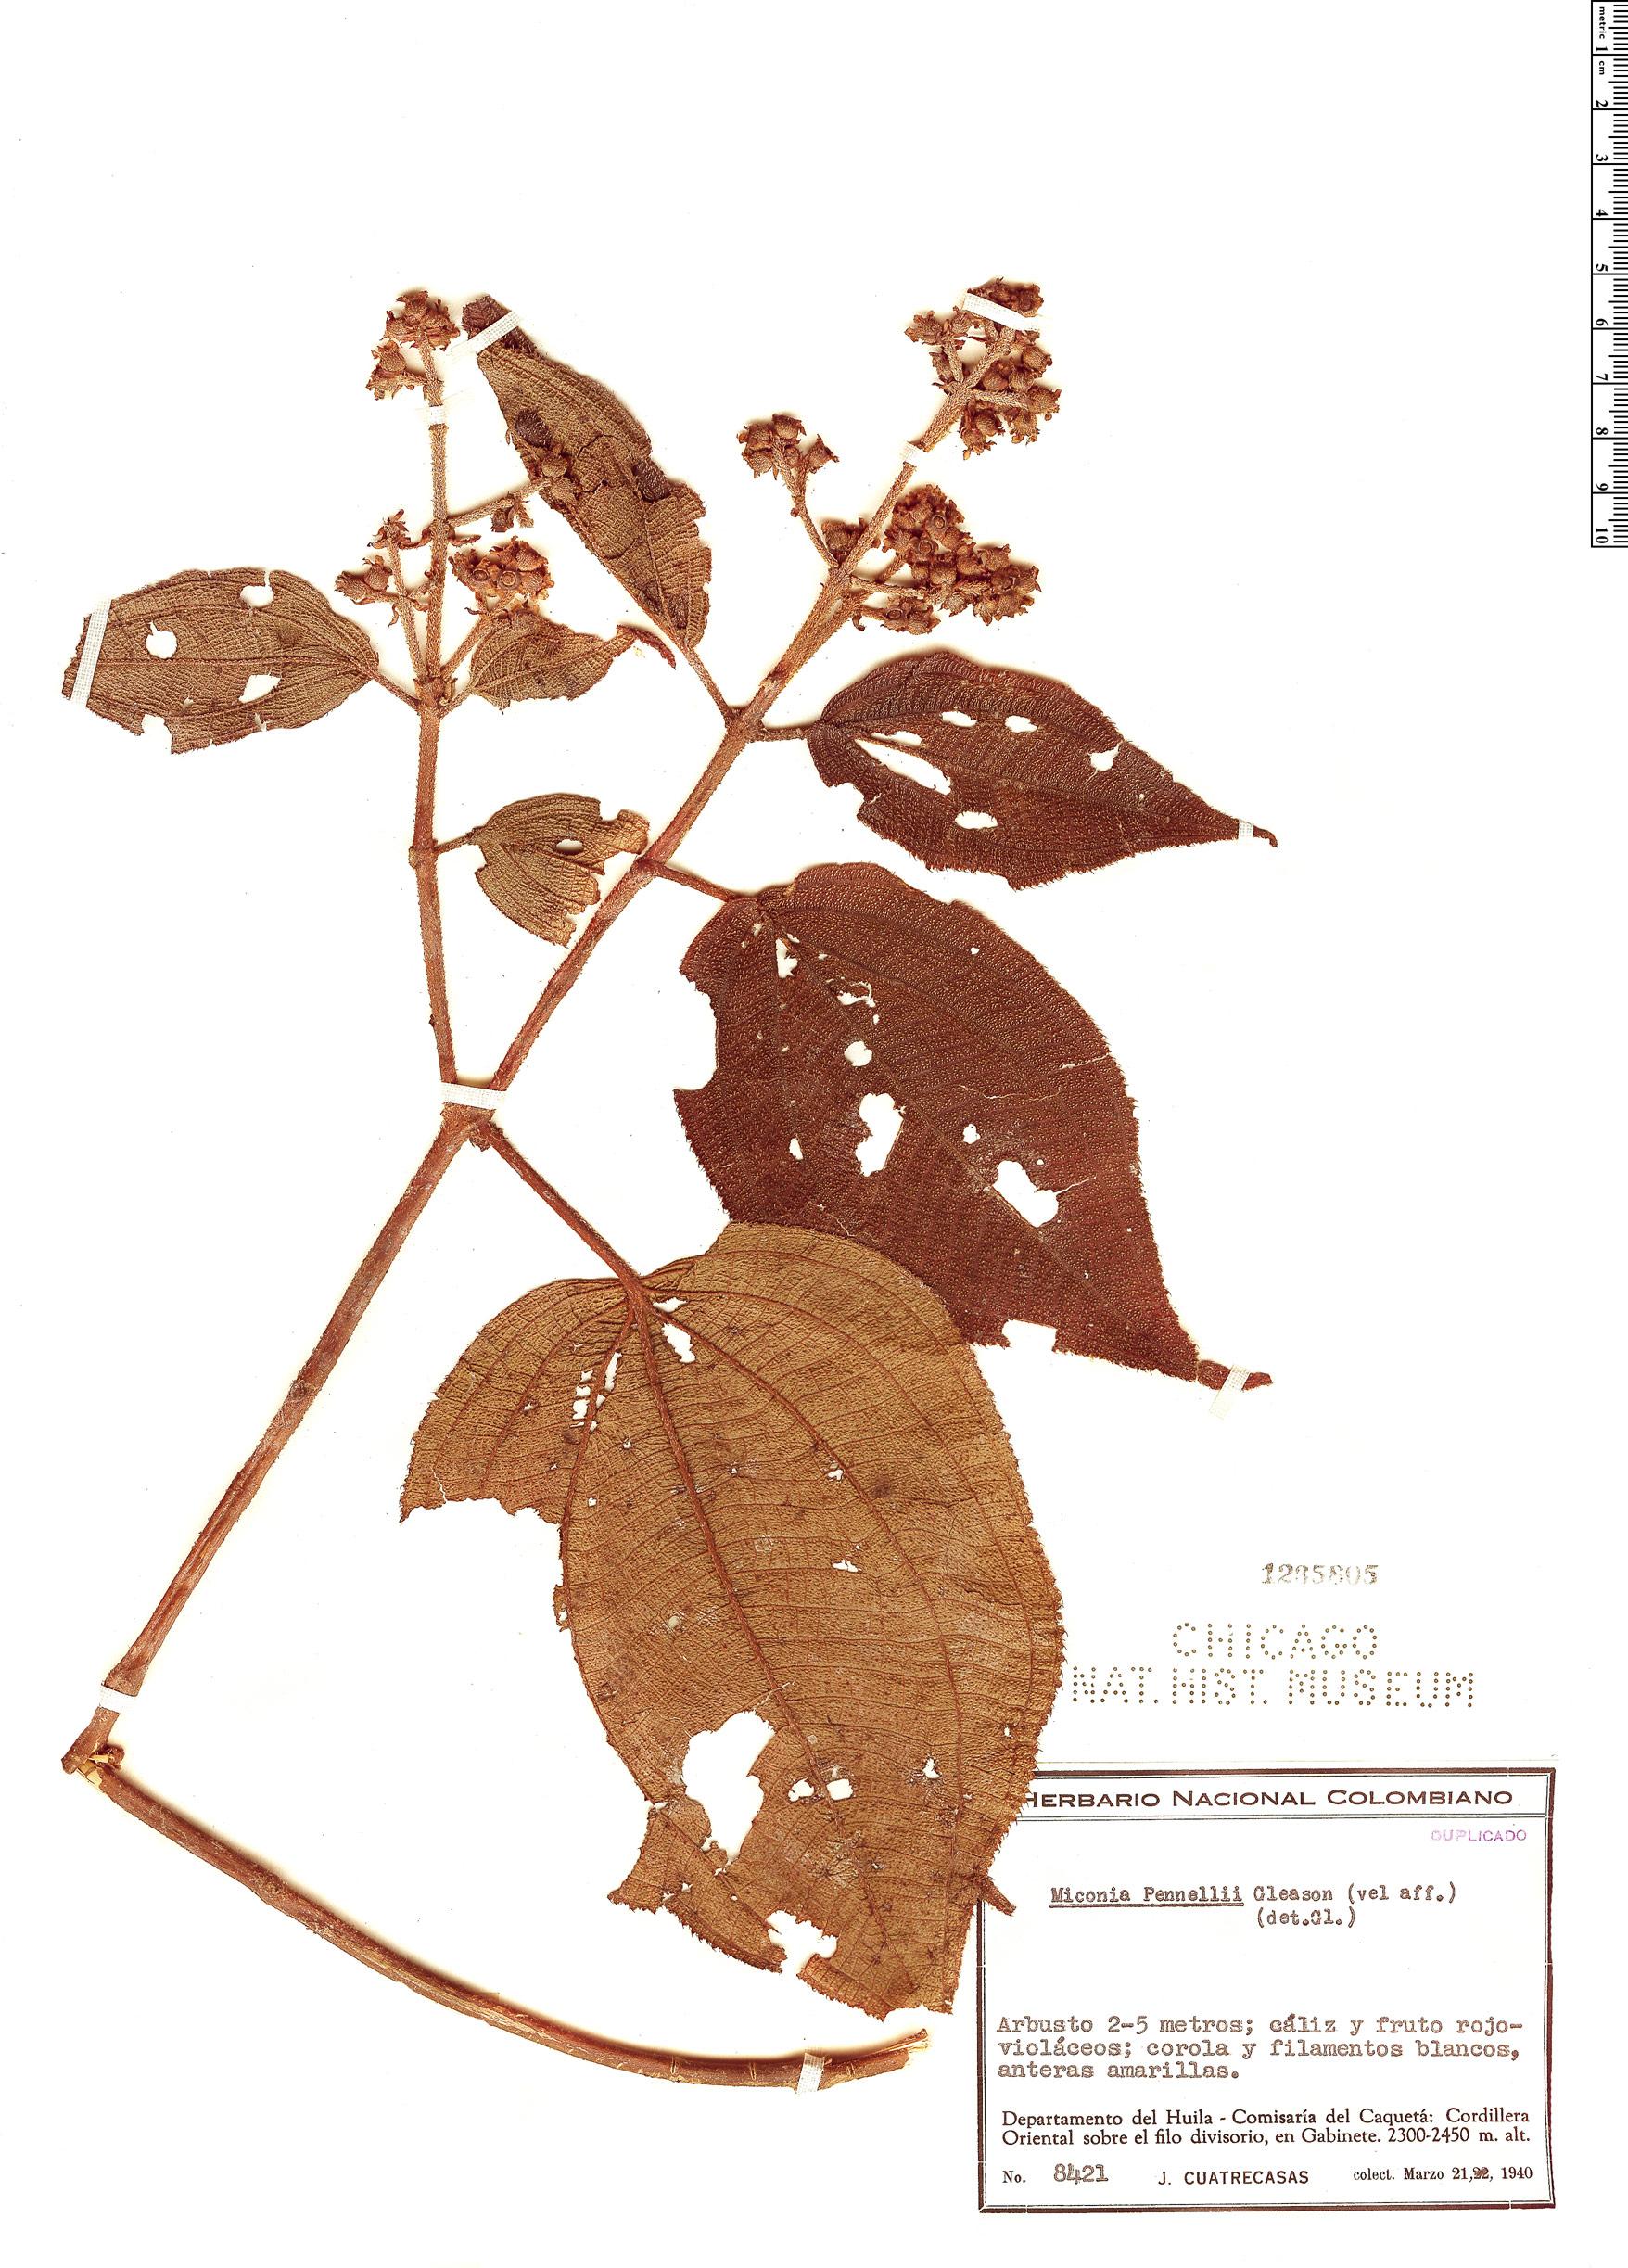 Specimen: Miconia pennellii